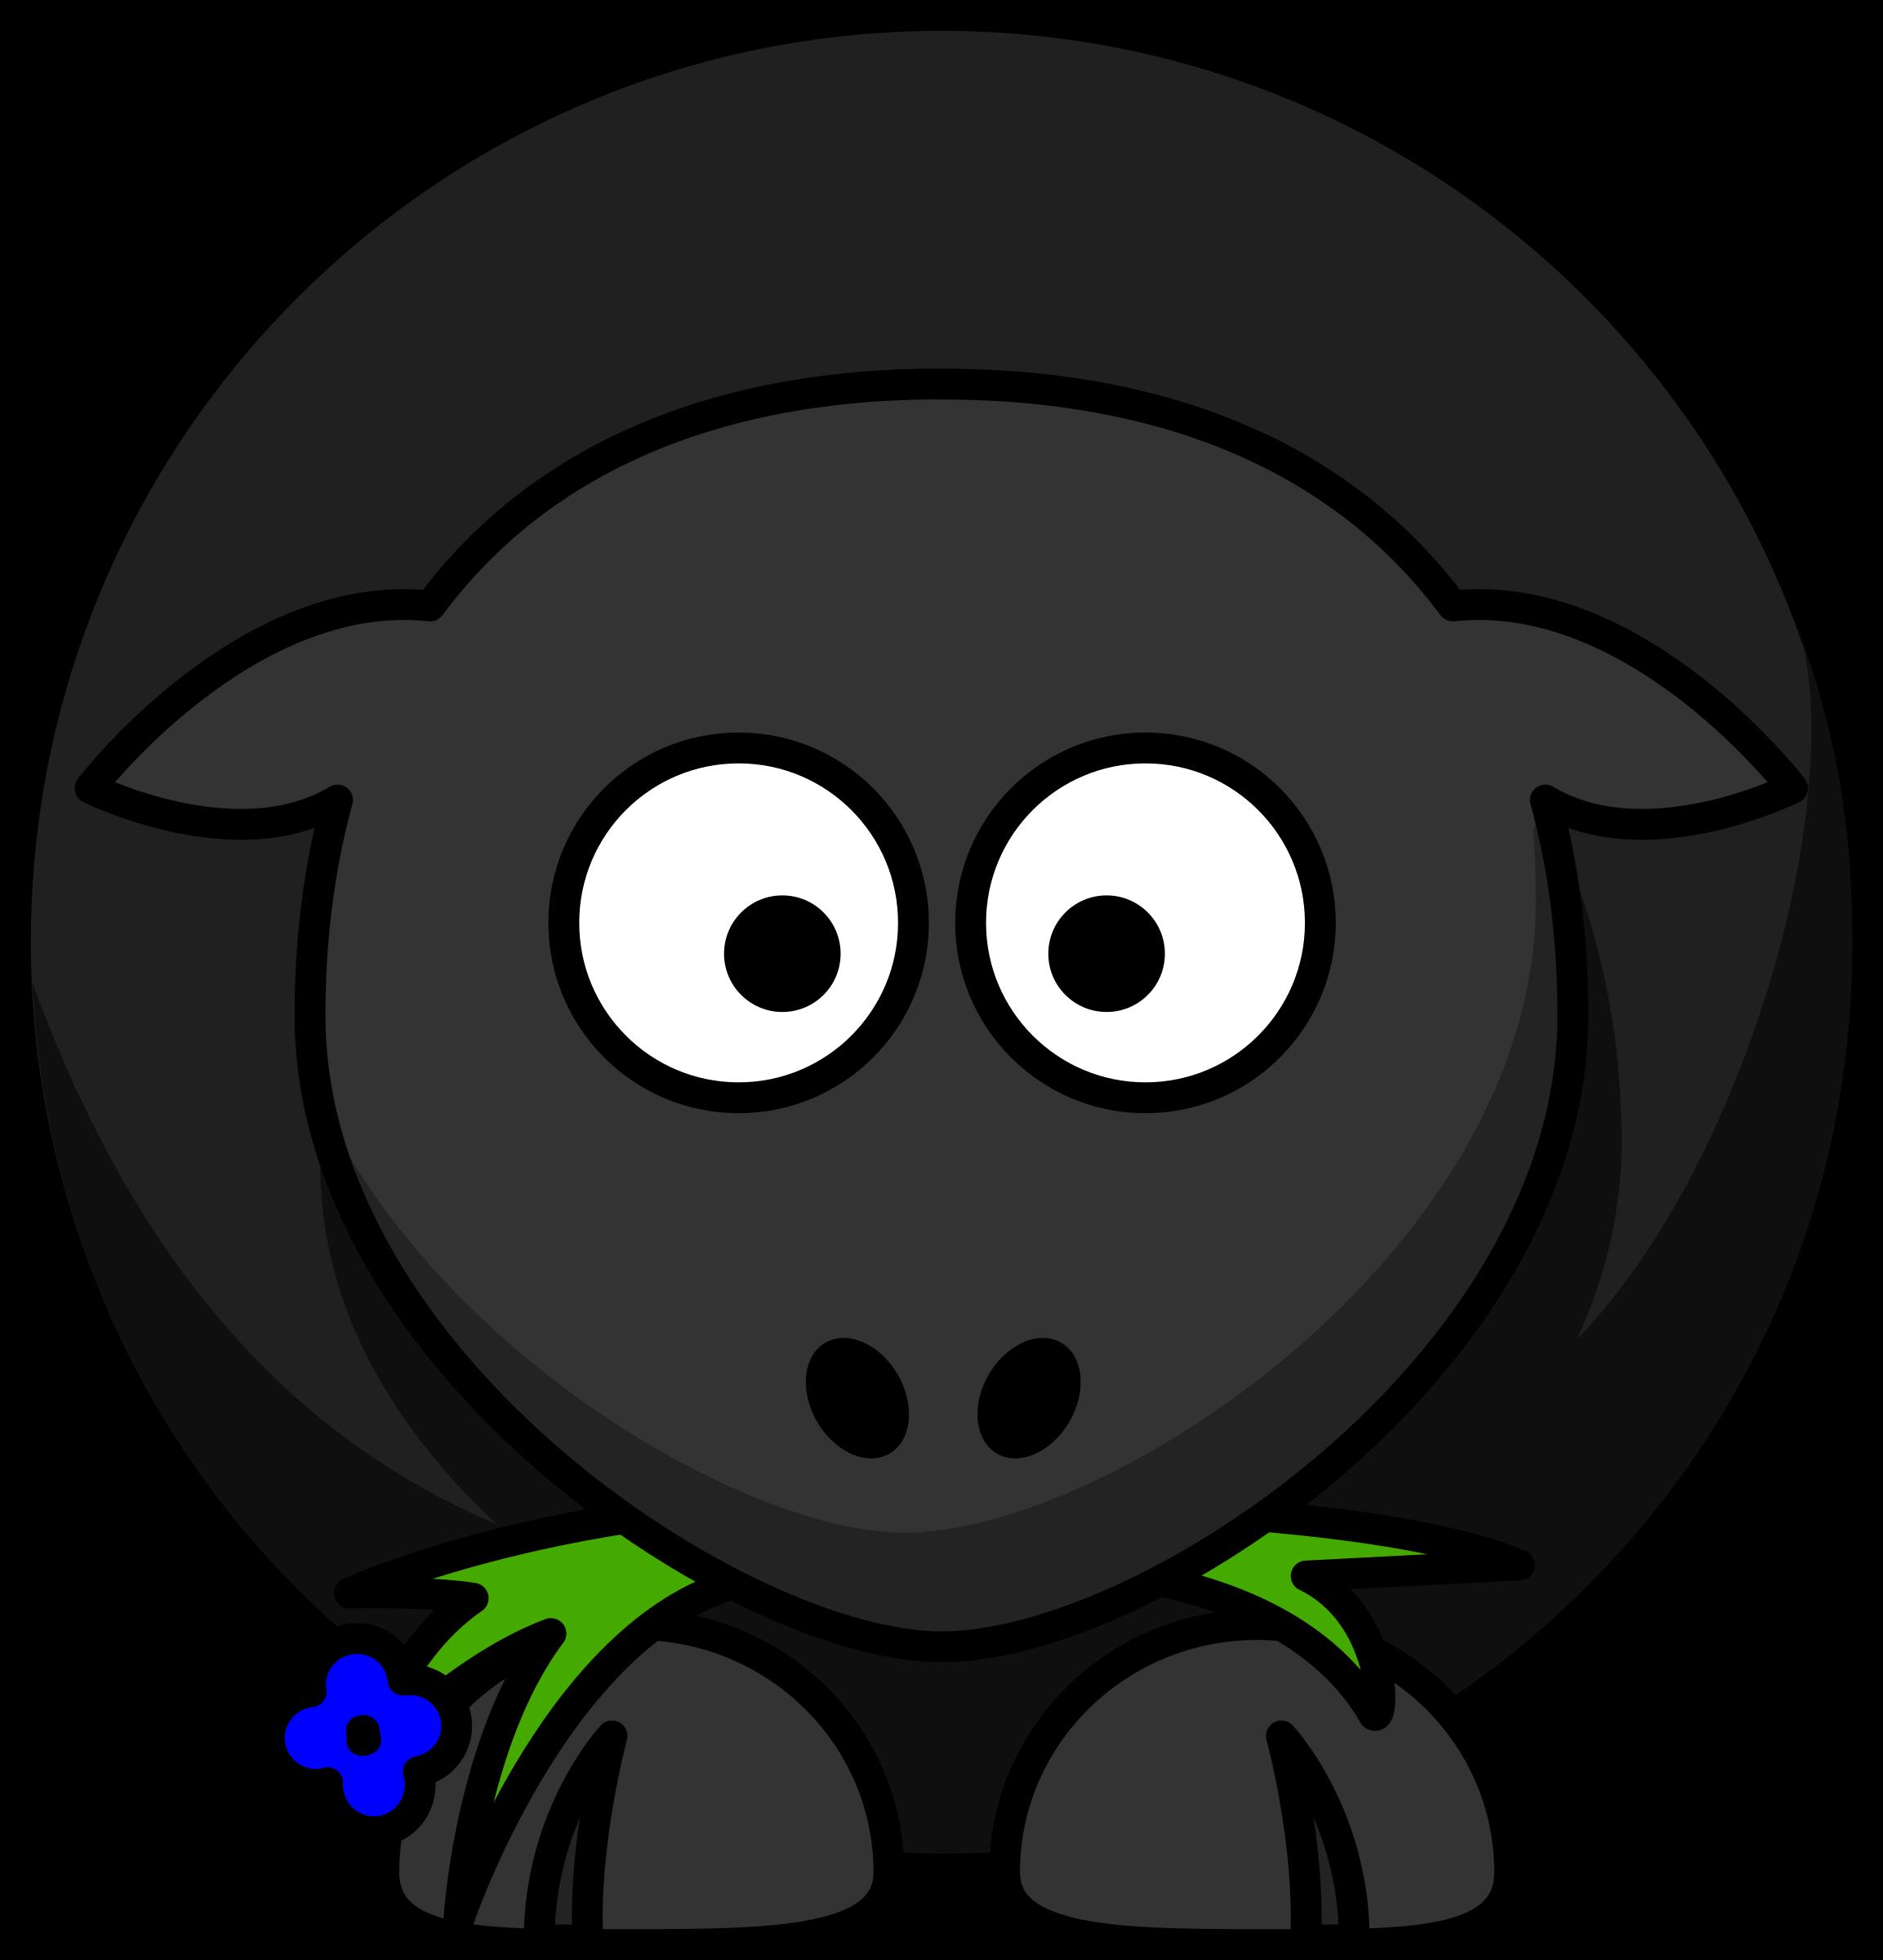 Sheep clipart baa baa black sheep. Cartoon